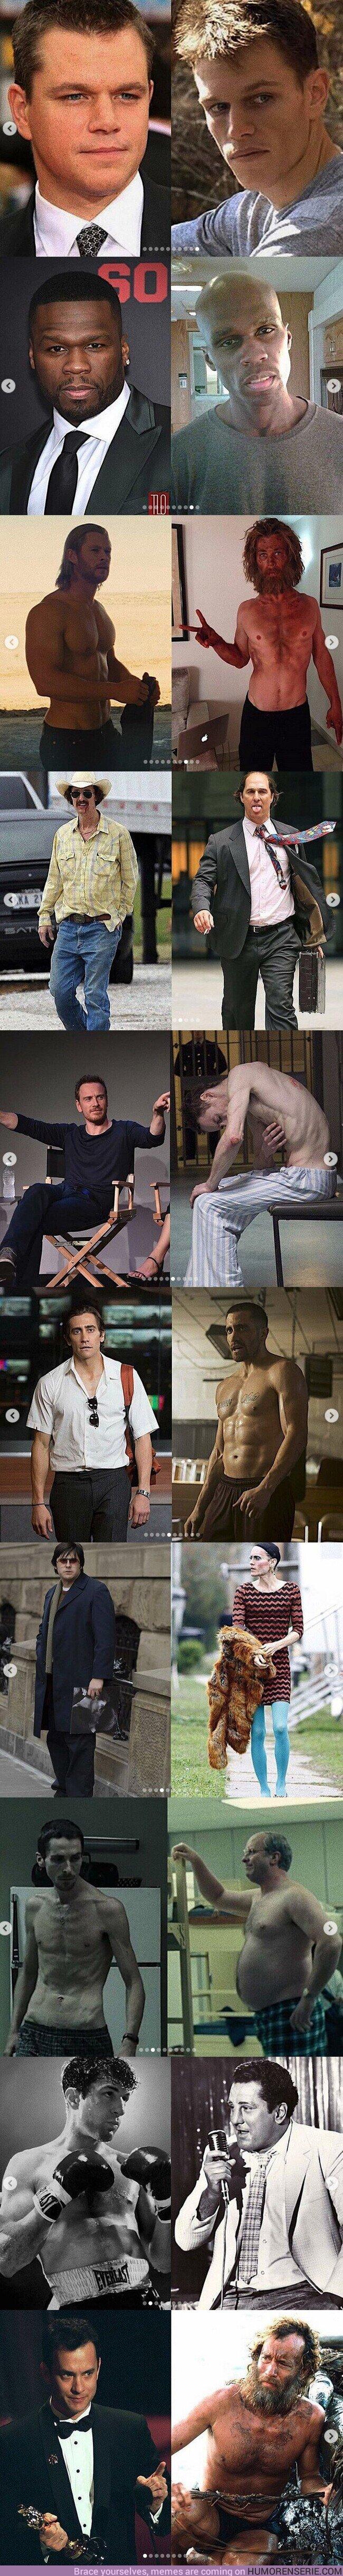 47737 - Las transformaciones de actores más alucinantes. ¿Cuál es tu favorita?